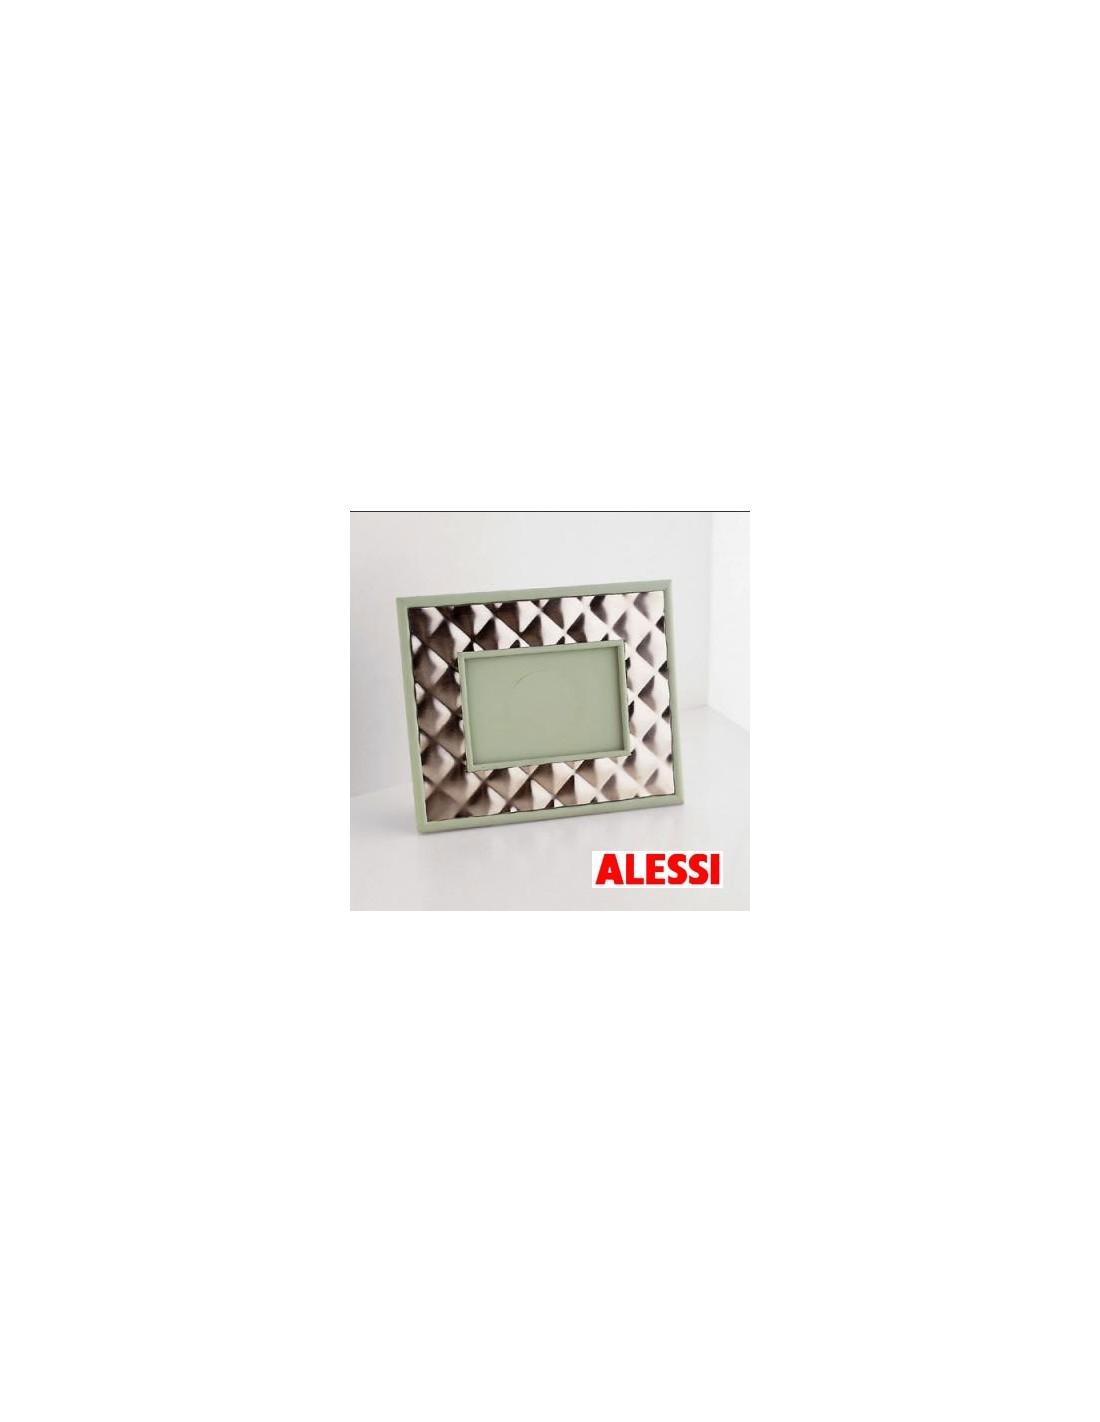 Portafoto alessi casa bella dal cin shop online for Alessi outlet on line